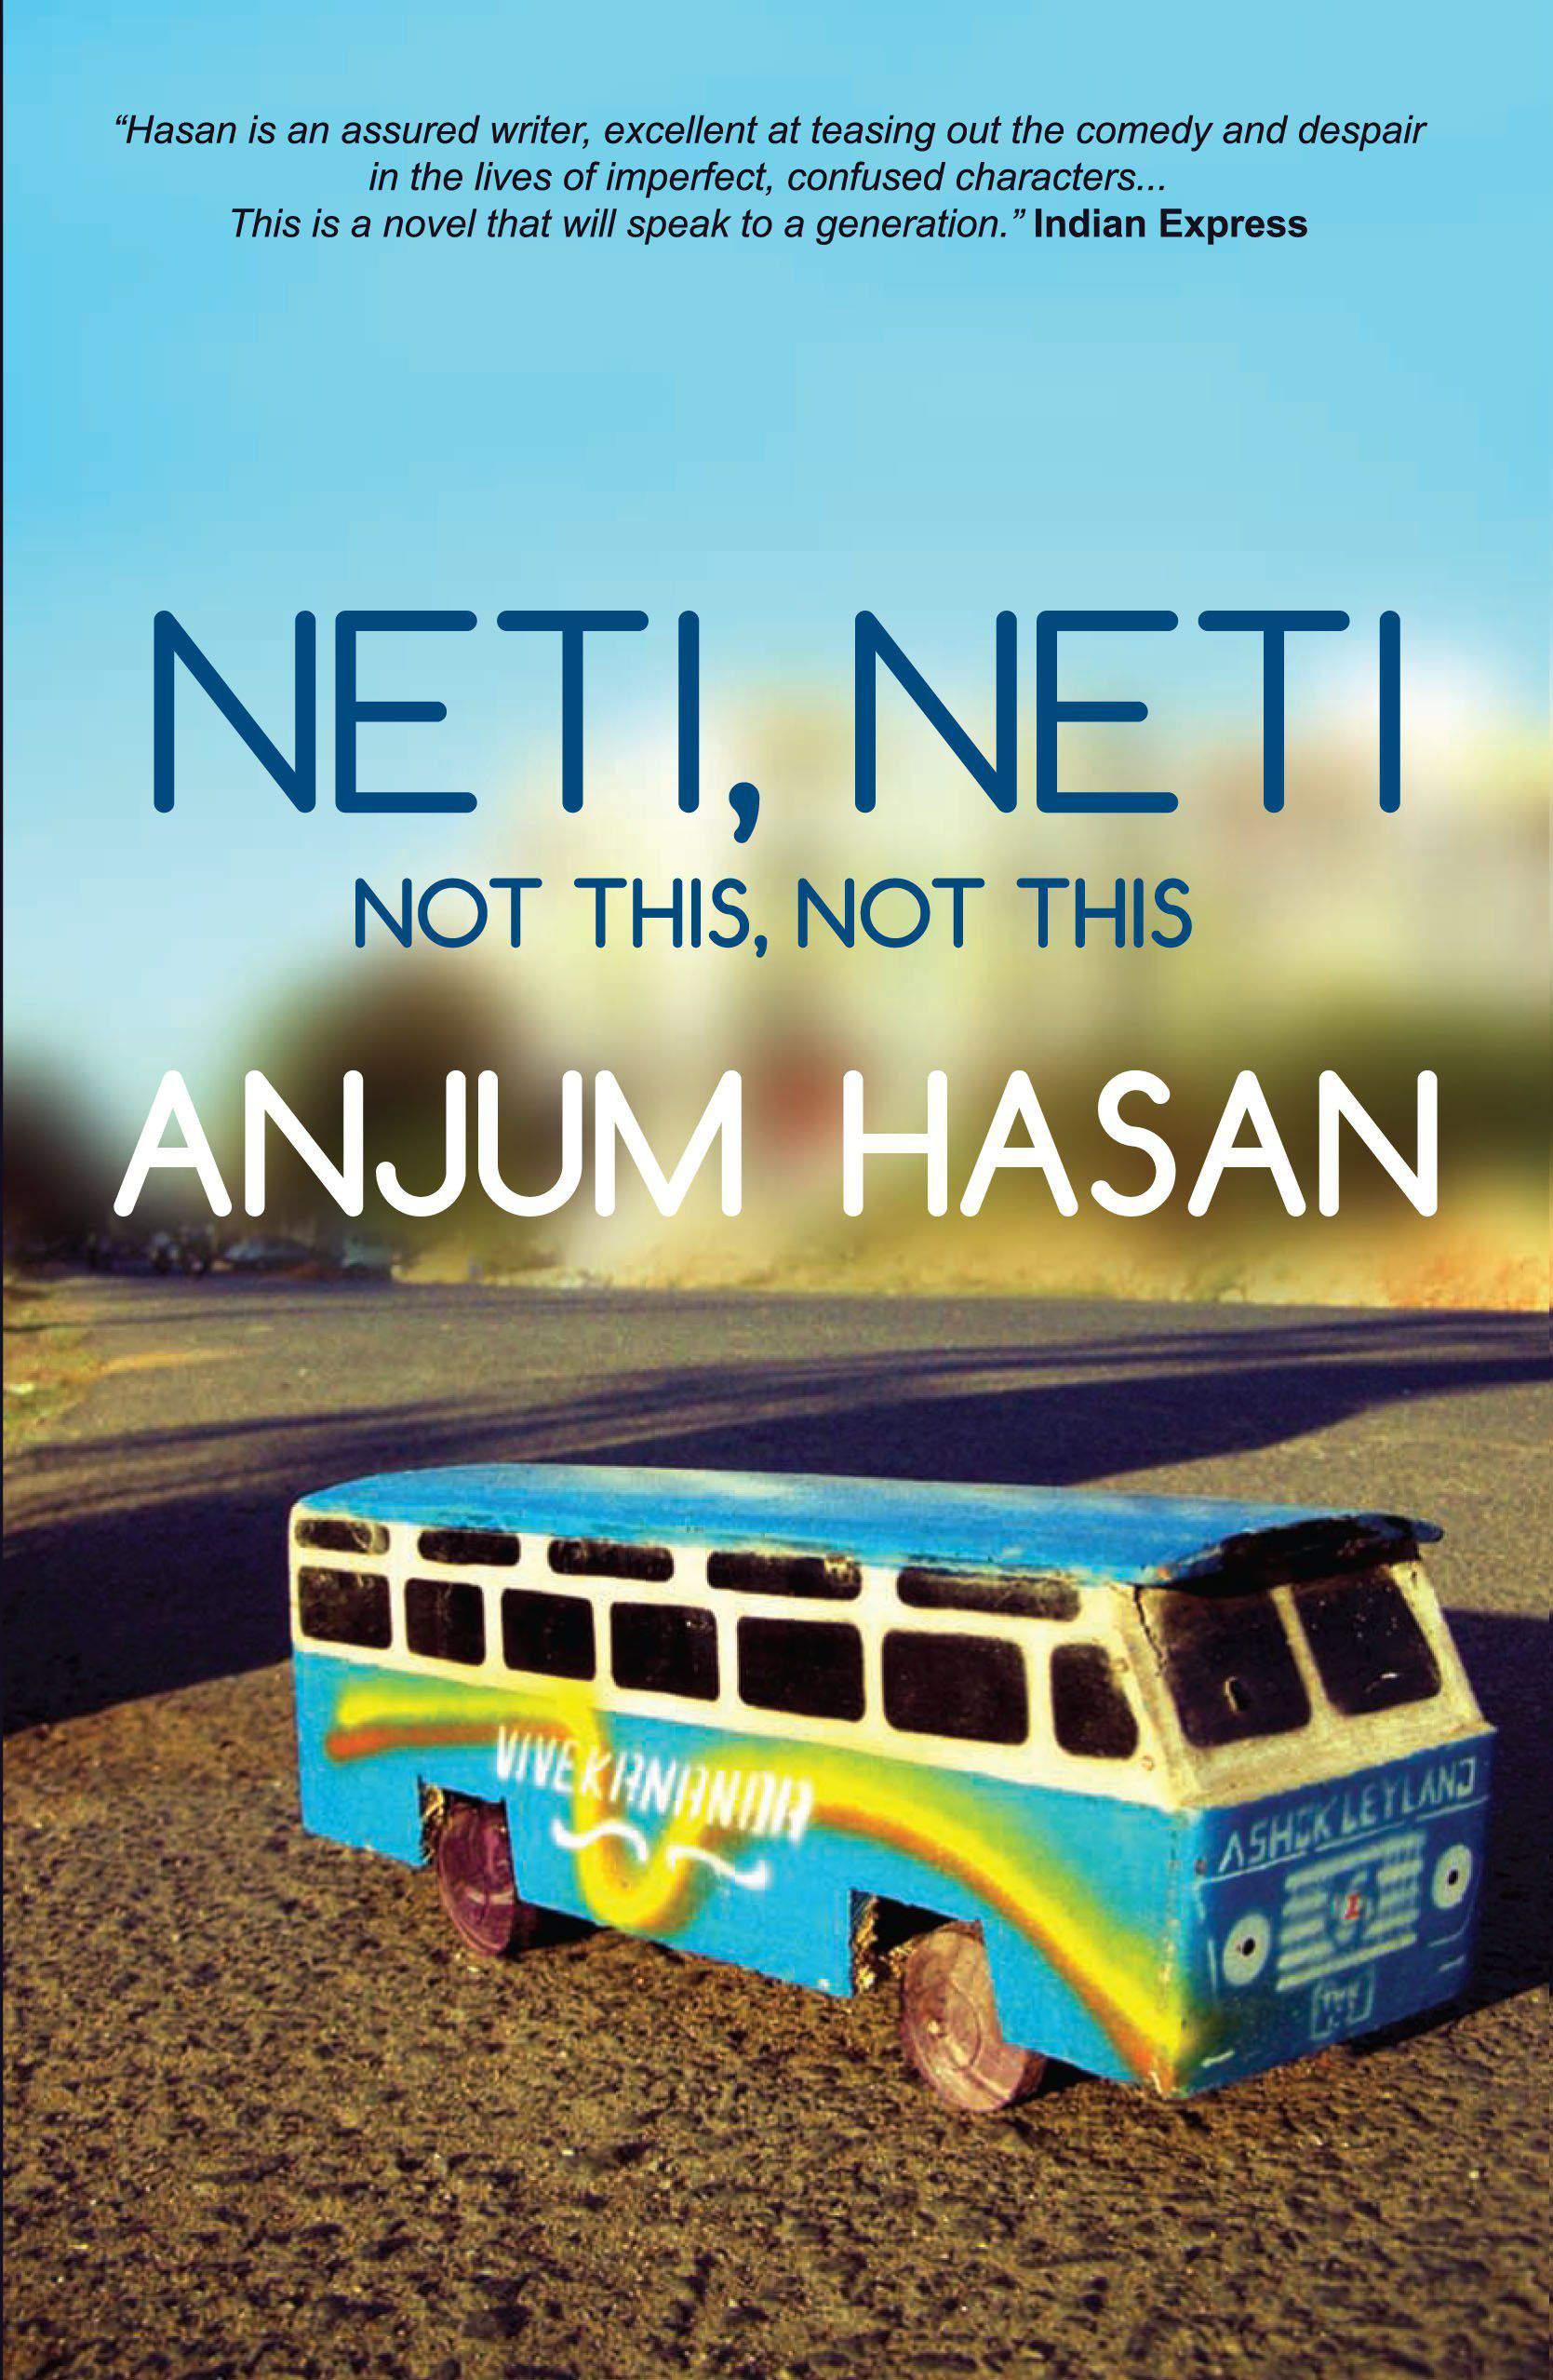 Neti Neti: Not This Not This